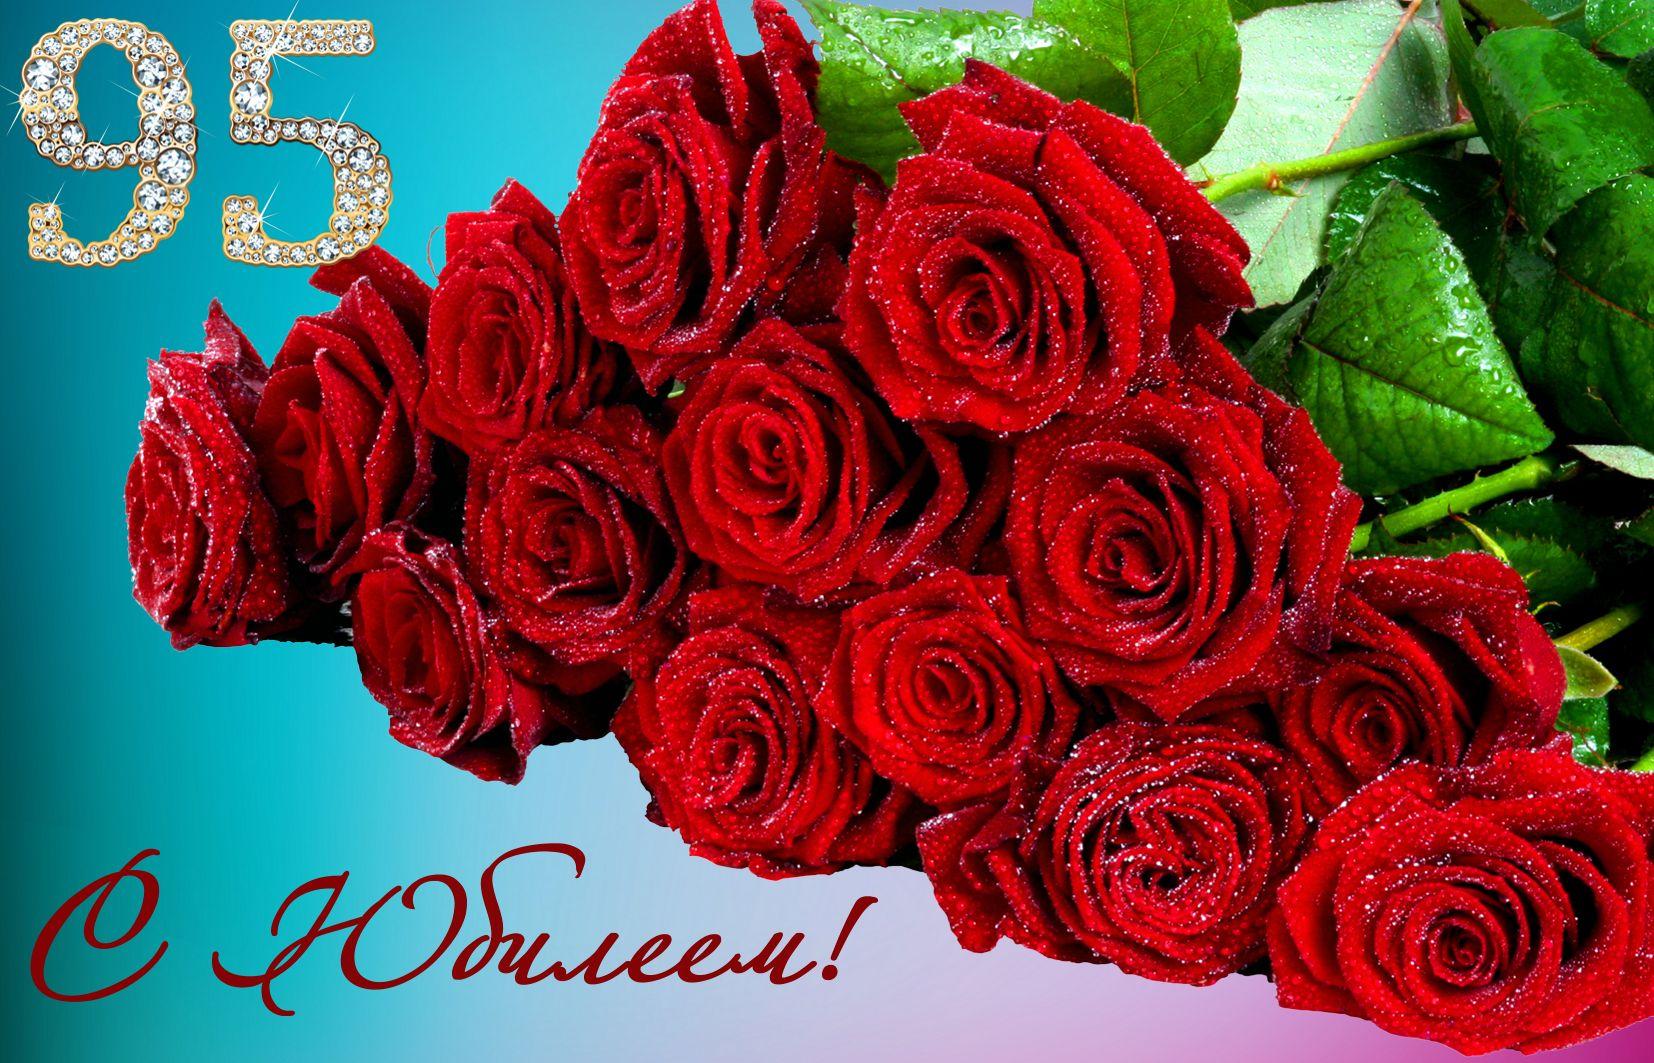 Открытка с розами в капельках росы на юбилей 95 лет